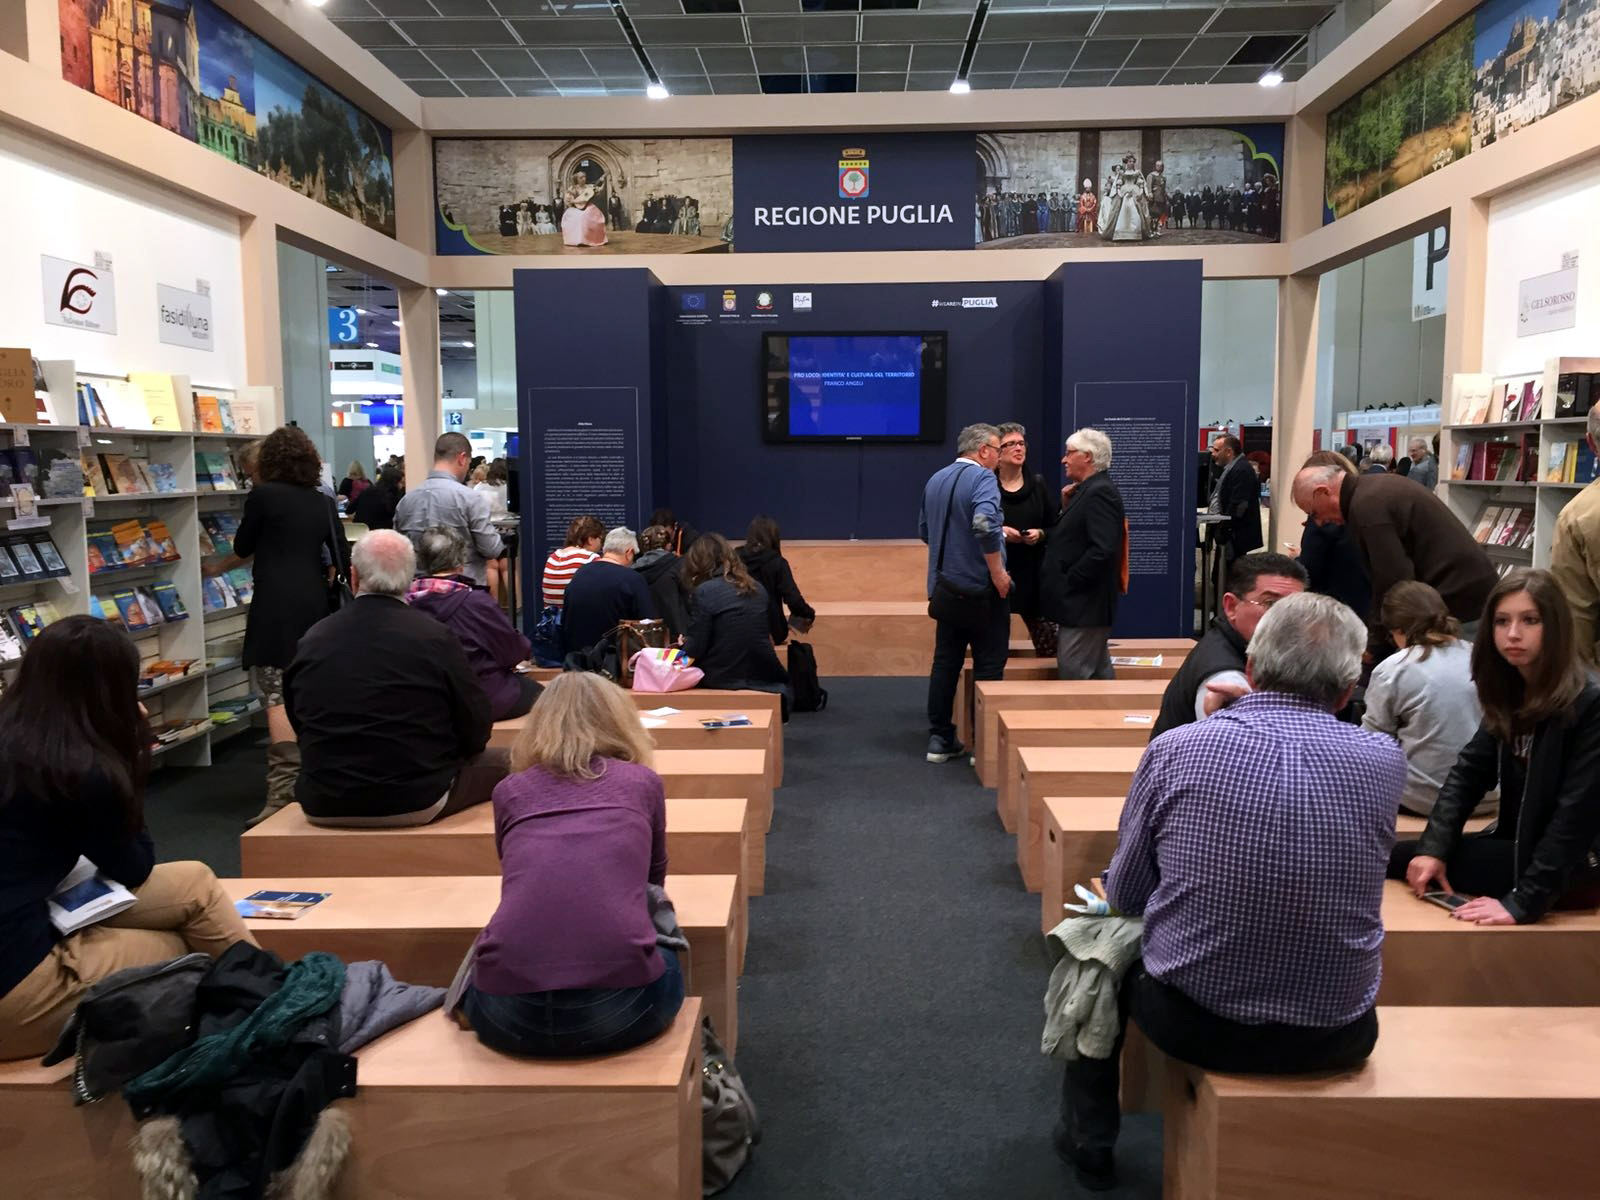 Salone torino 2018 incontro montesano - Salone del mobile torino ...